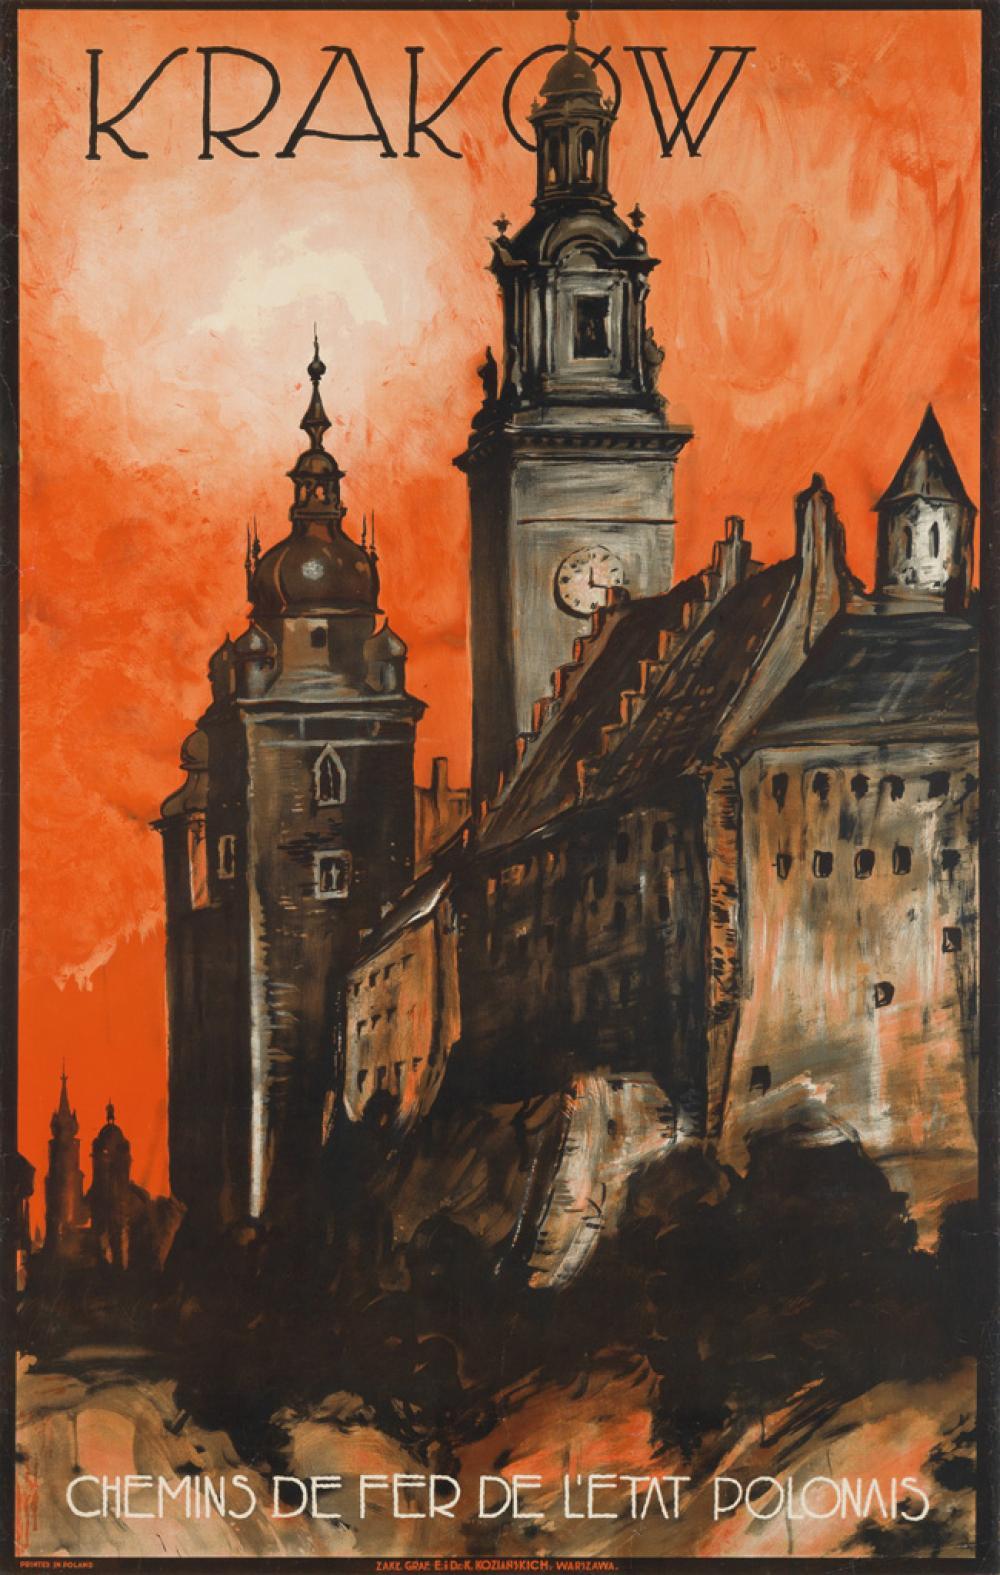 STEFAN NORBLIN (1892-1952). KRAKÓW. Circa 1935. 39x24 inches, 99x63 cm. Kozianskich, Warsaw.